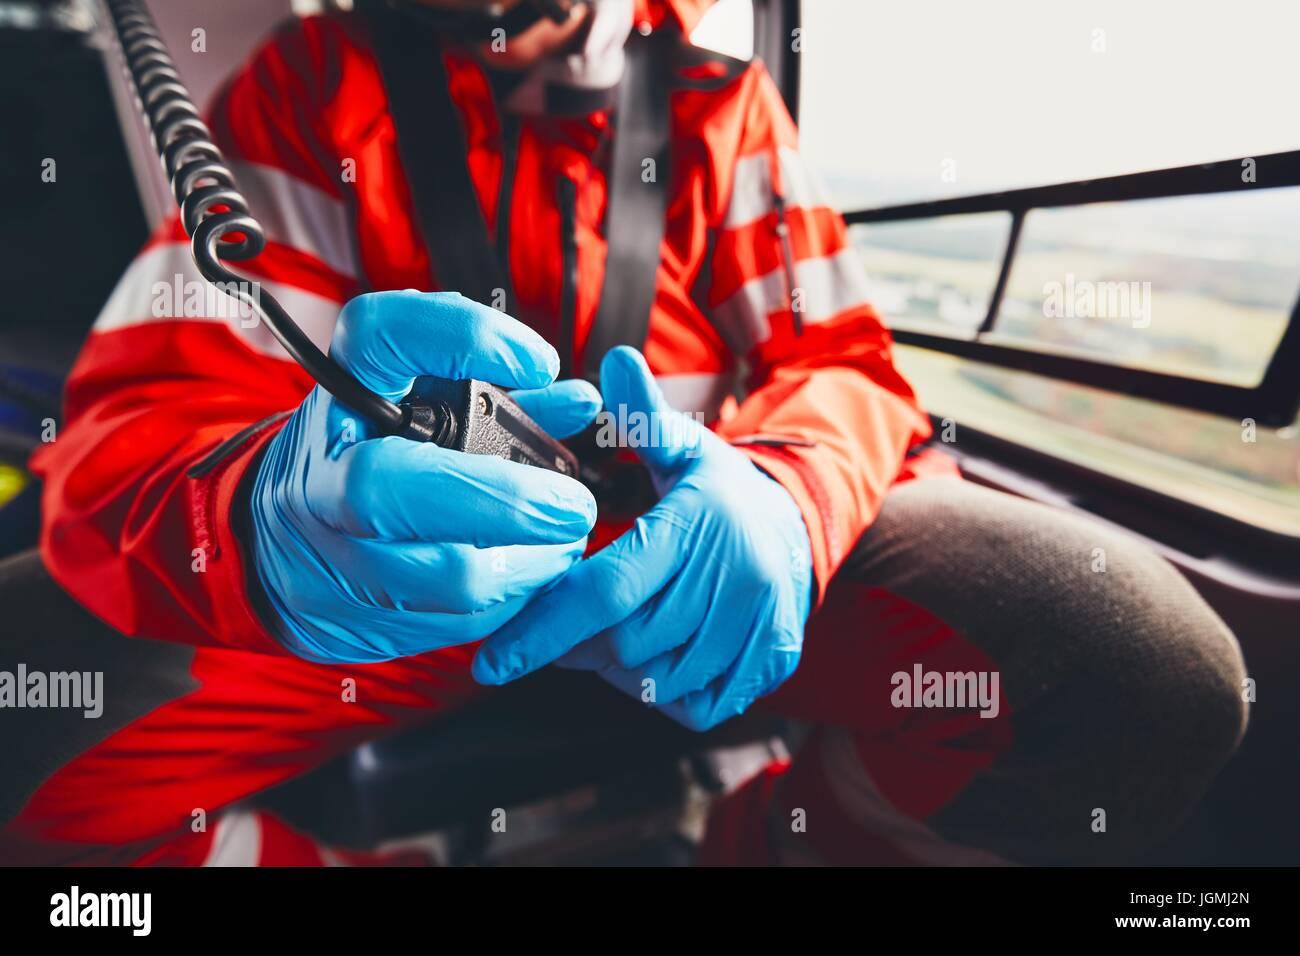 Alarm für Hubschrauber Rettungsdienst. Arzt-Holding-Radio. Thema Rettung, Hilfe und Hoffnung. Stockbild